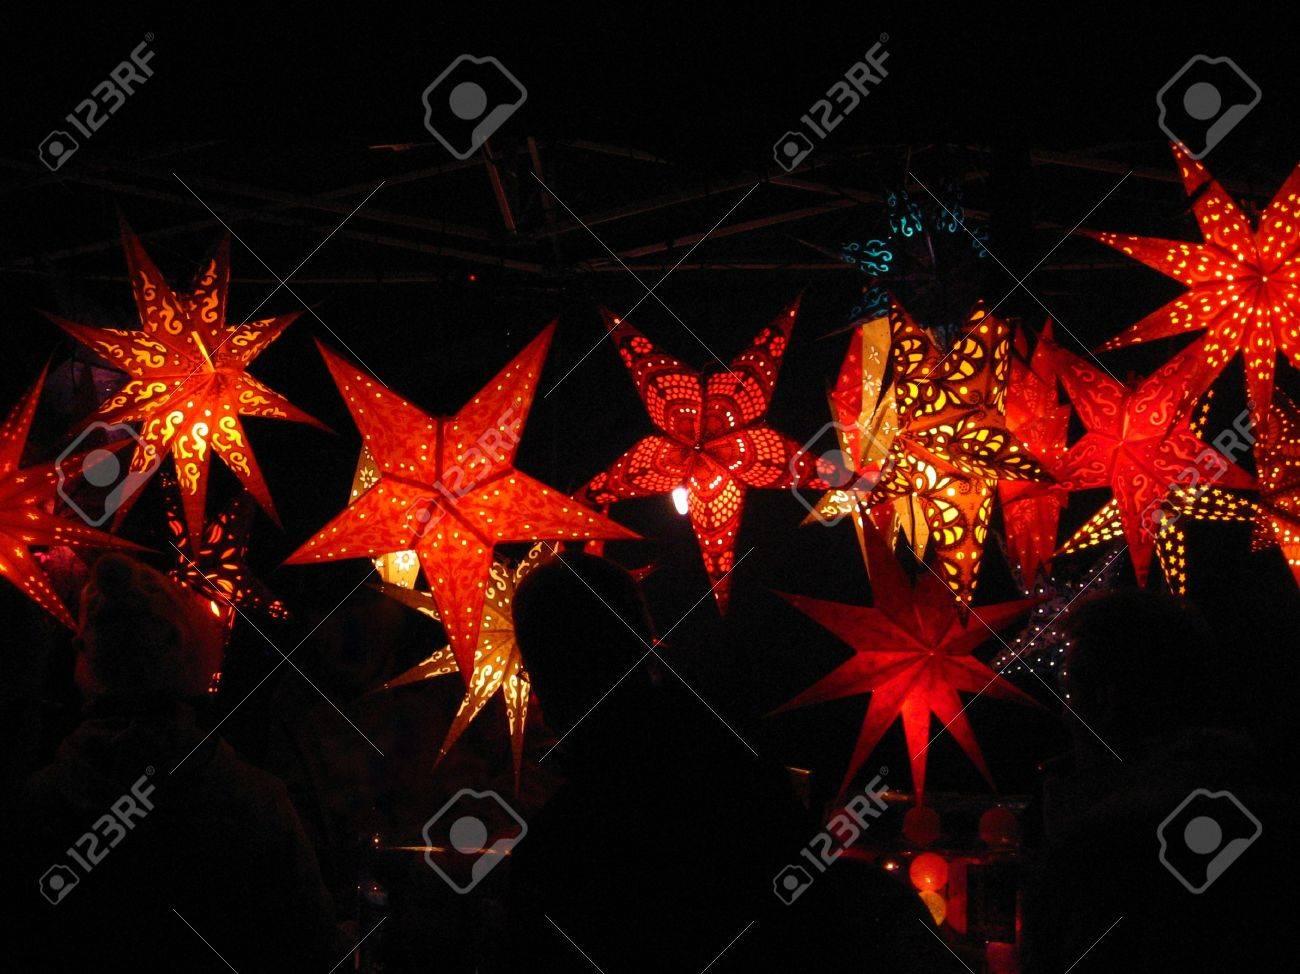 Beleuchtete Bilder Weihnachten.Stock Photo